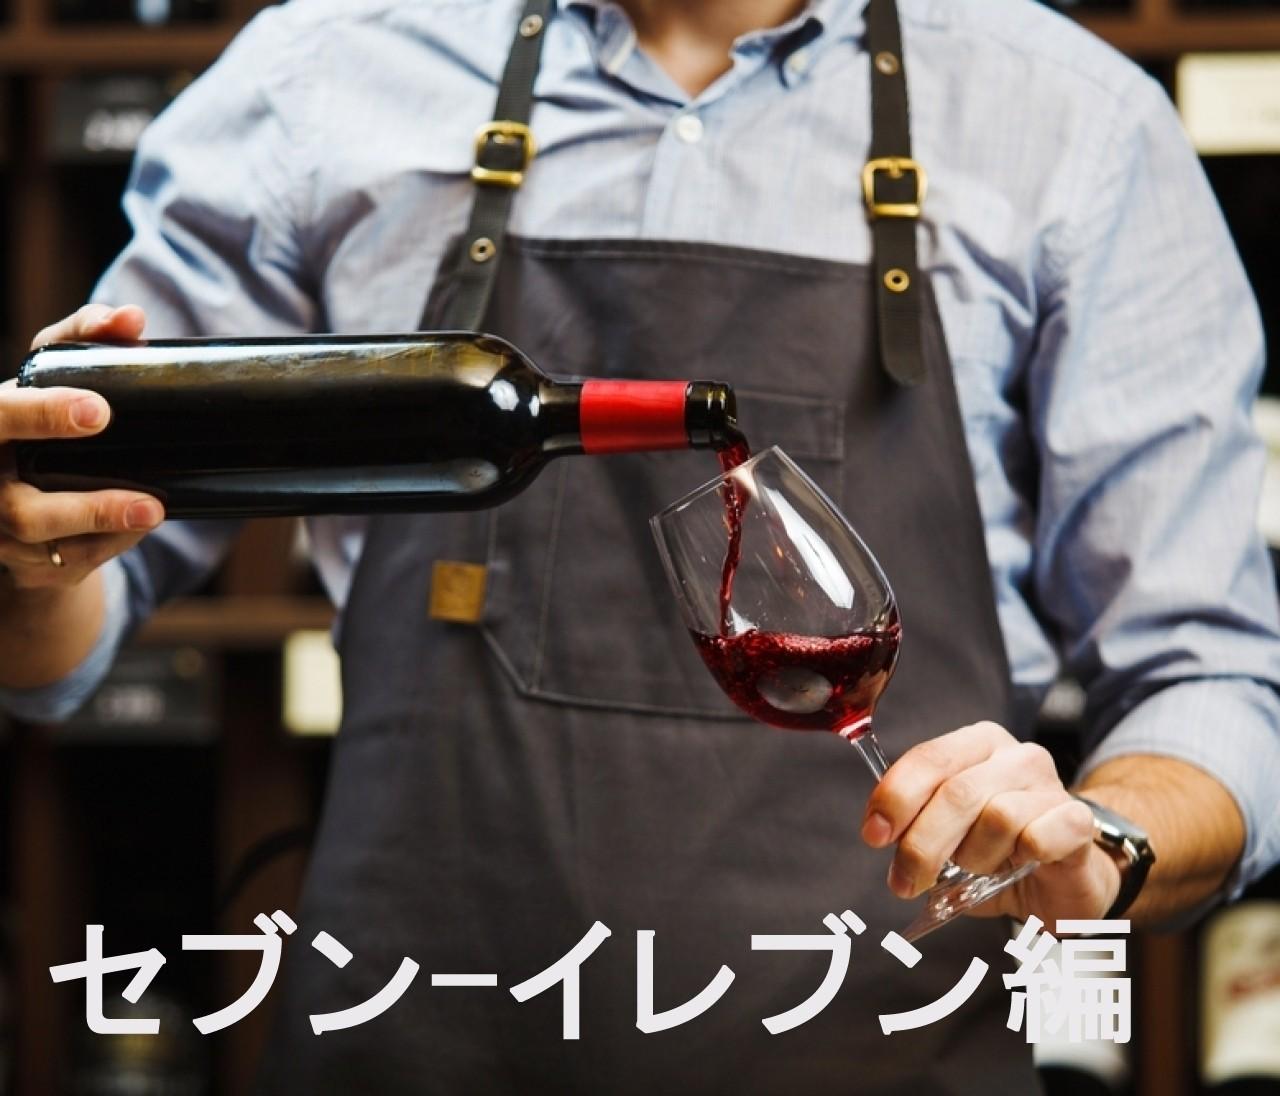 【ソムリエ監修】ご近所で買えるおすすめおうちワイン#1【セブン-イレブン編】